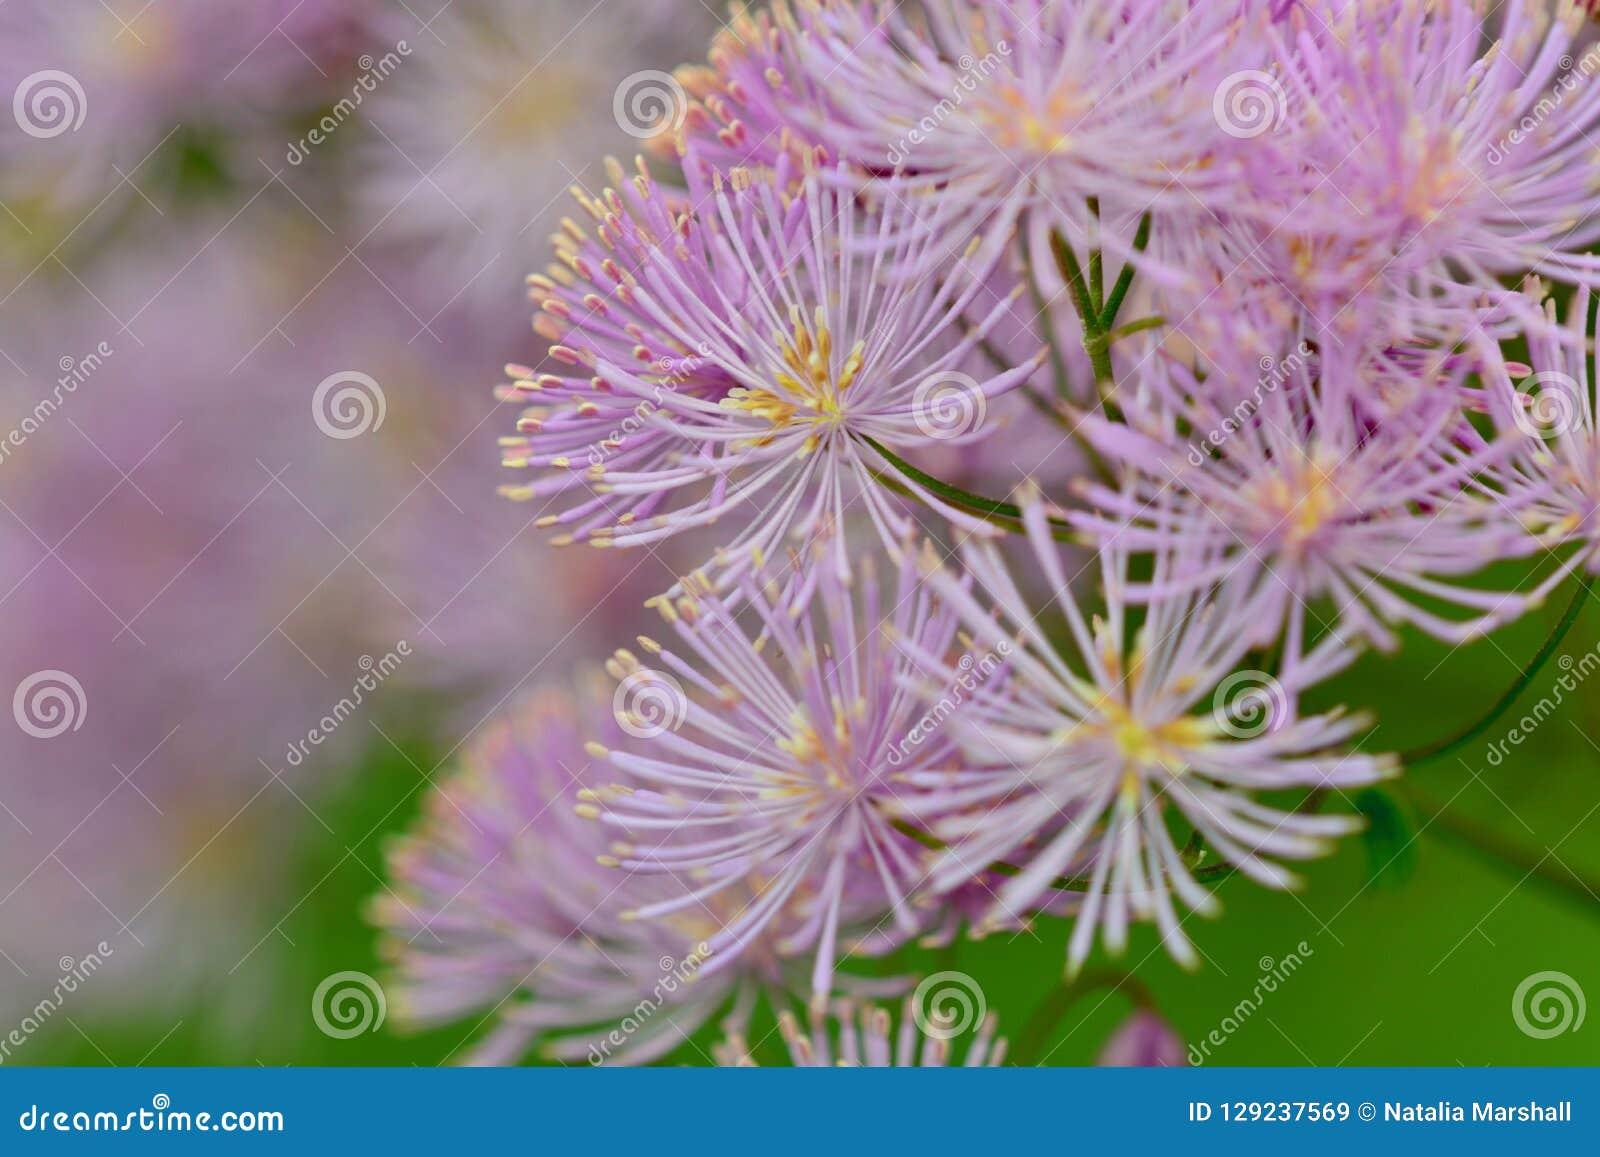 Feche acima da foto da flor cor-de-rosa, assemelhando-se a fogos-de-artifício